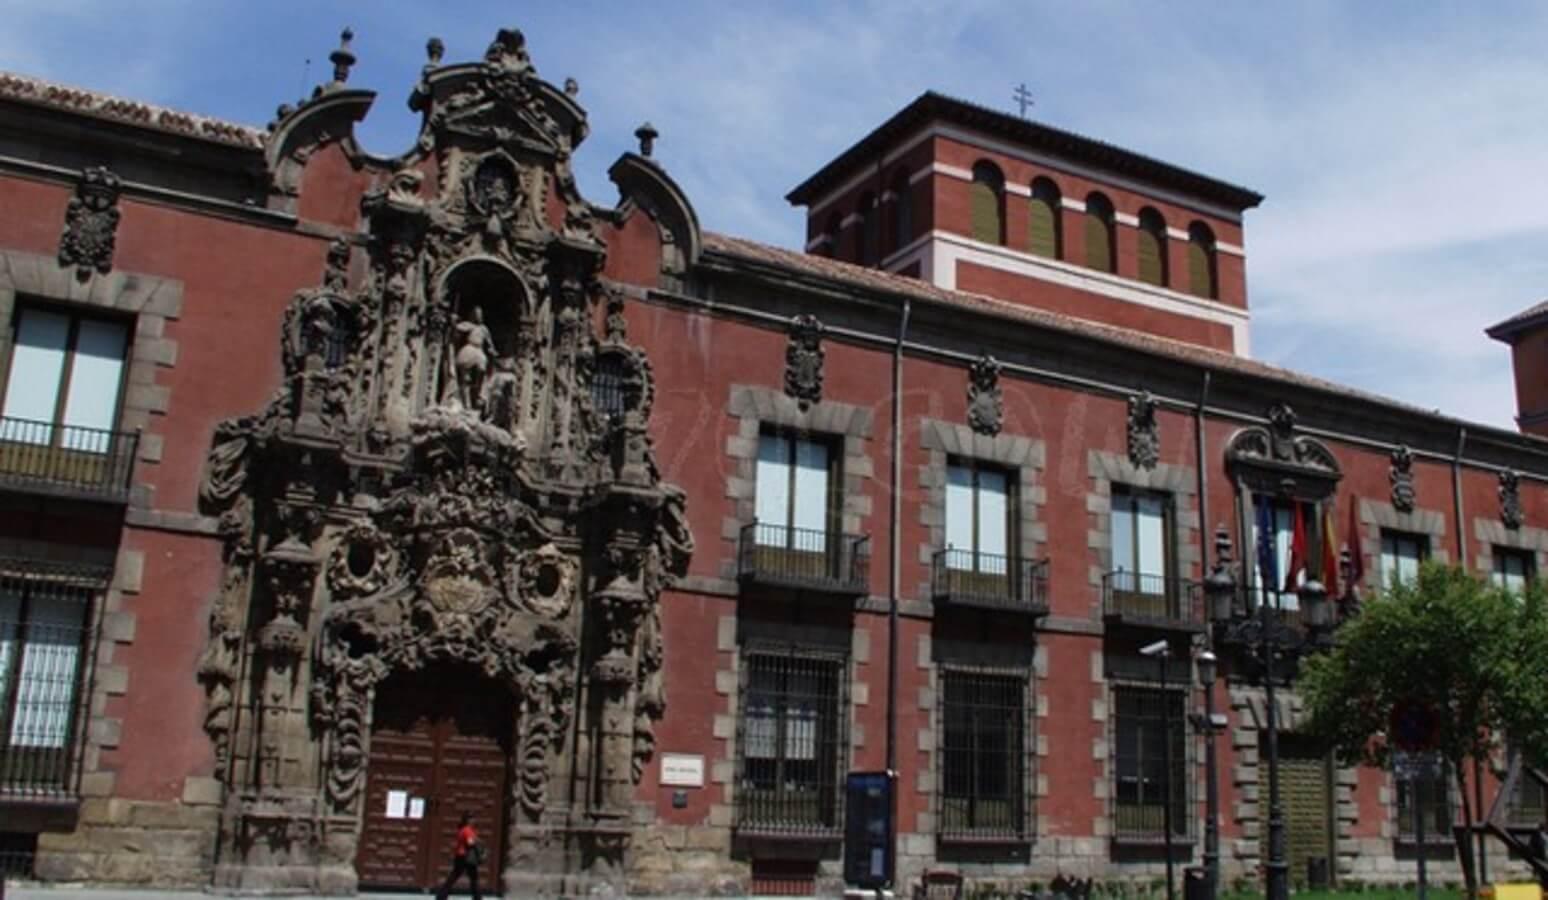 Museu da História de Madri